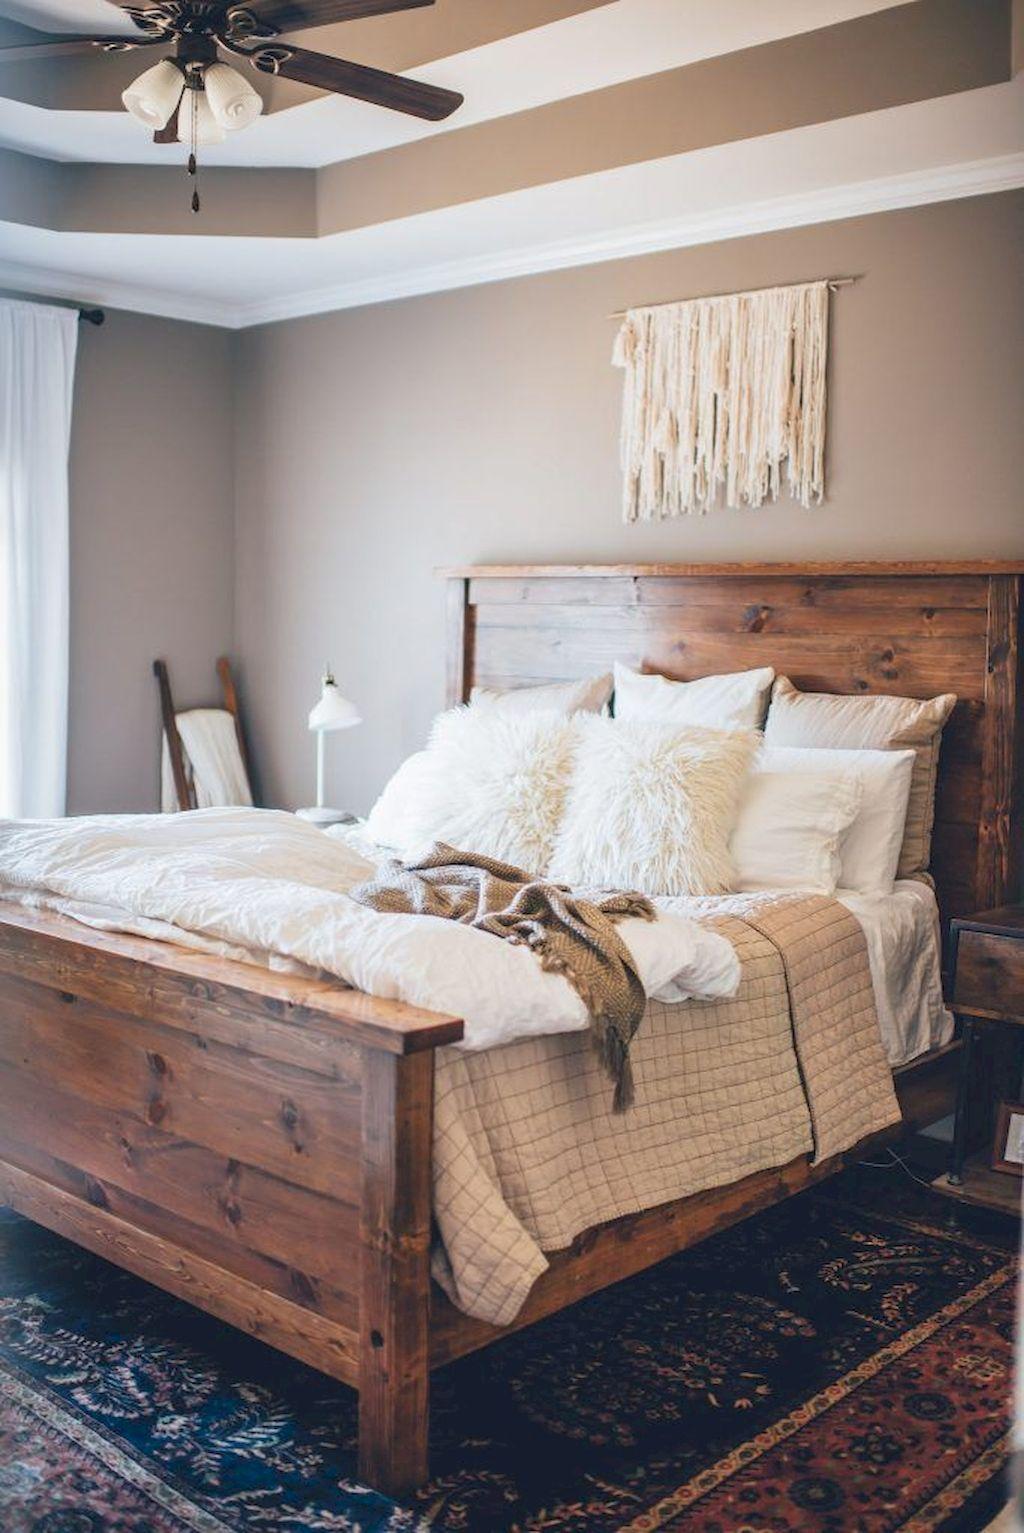 25 Inviting And Cozy Farmhouse Bedroom (The Visual Treats) - A6